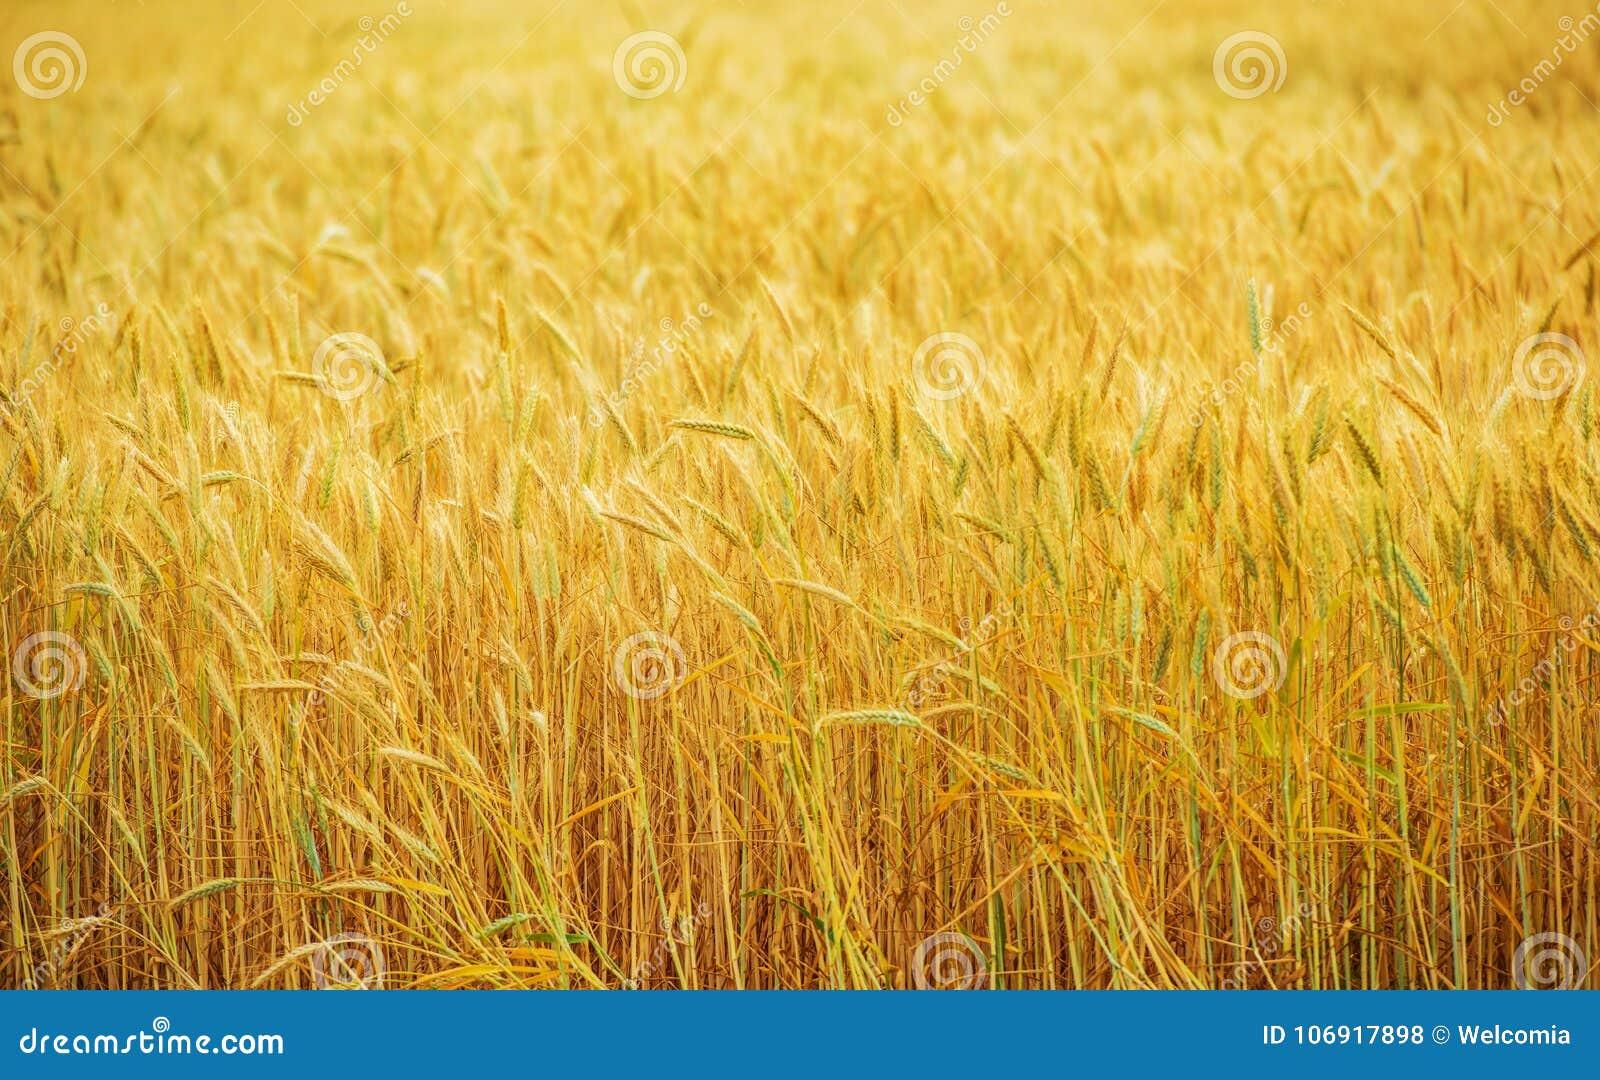 Pszenicznego pola ziemia uprawna